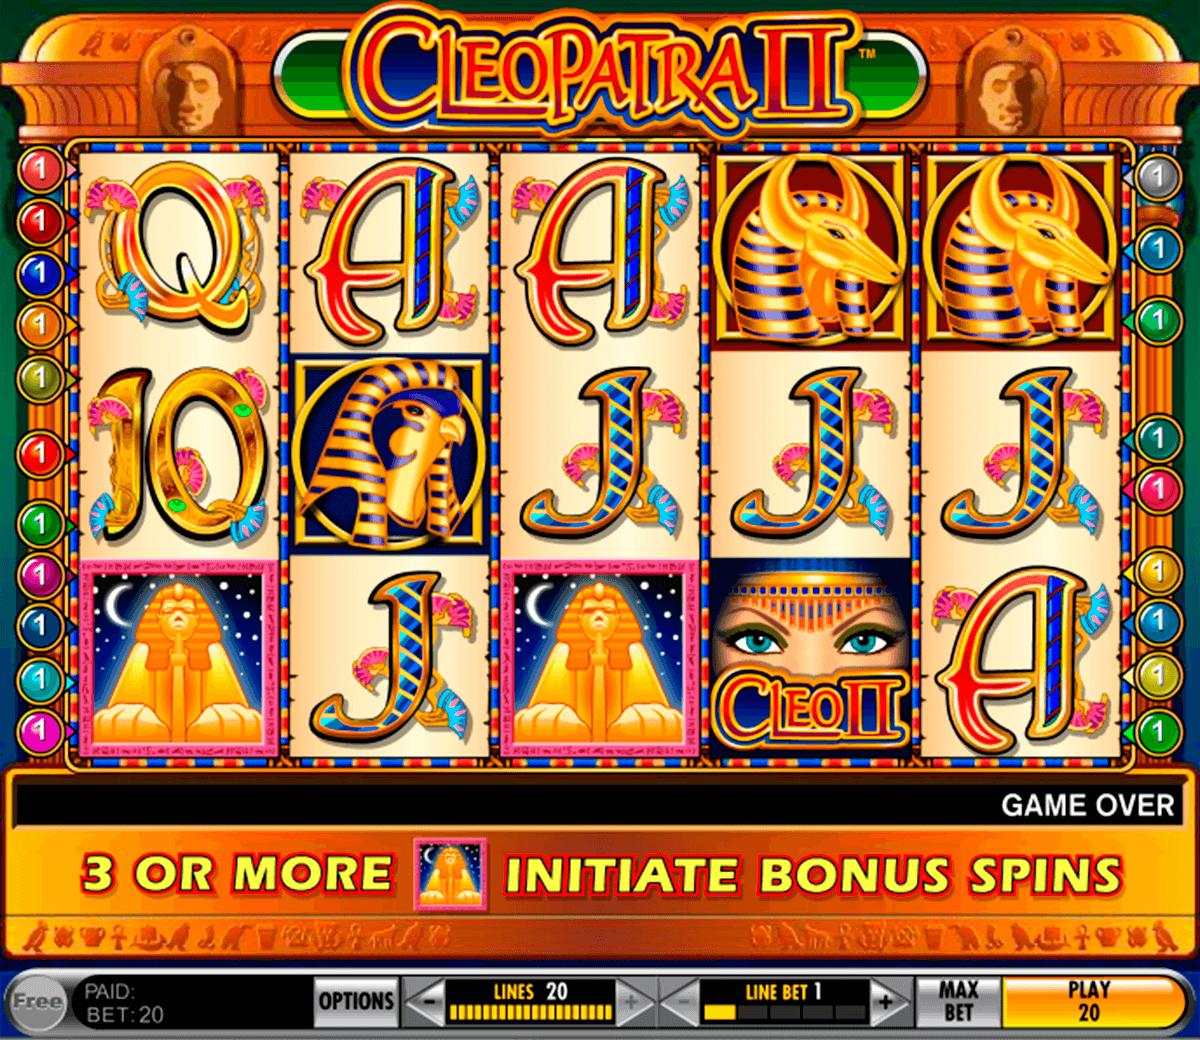 Empresas casino online tragamonedas cleopatra 2-444085